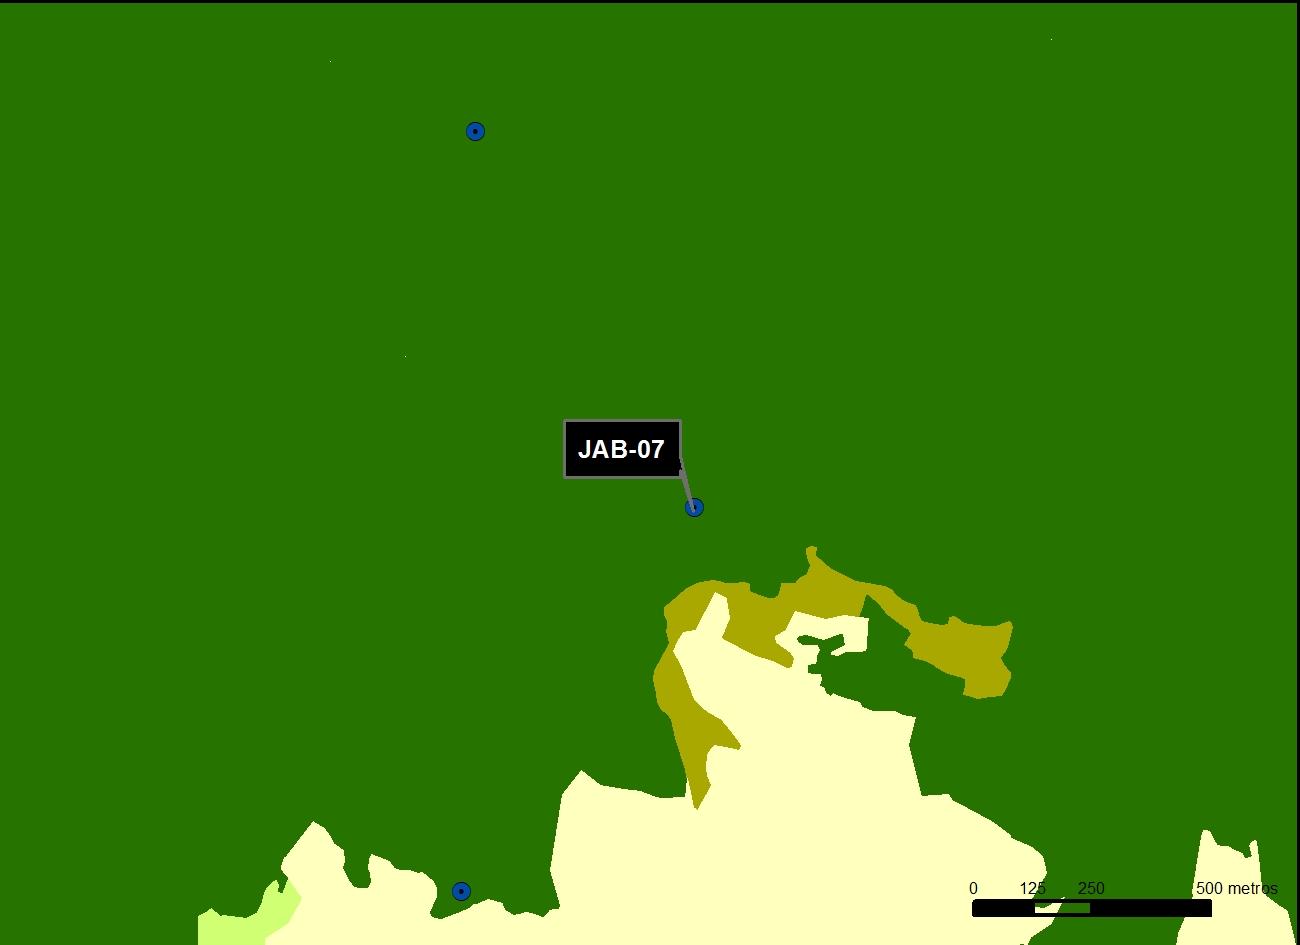 JAB_07_M.V.LOZANO_ENJORDANA_MAP.VEG